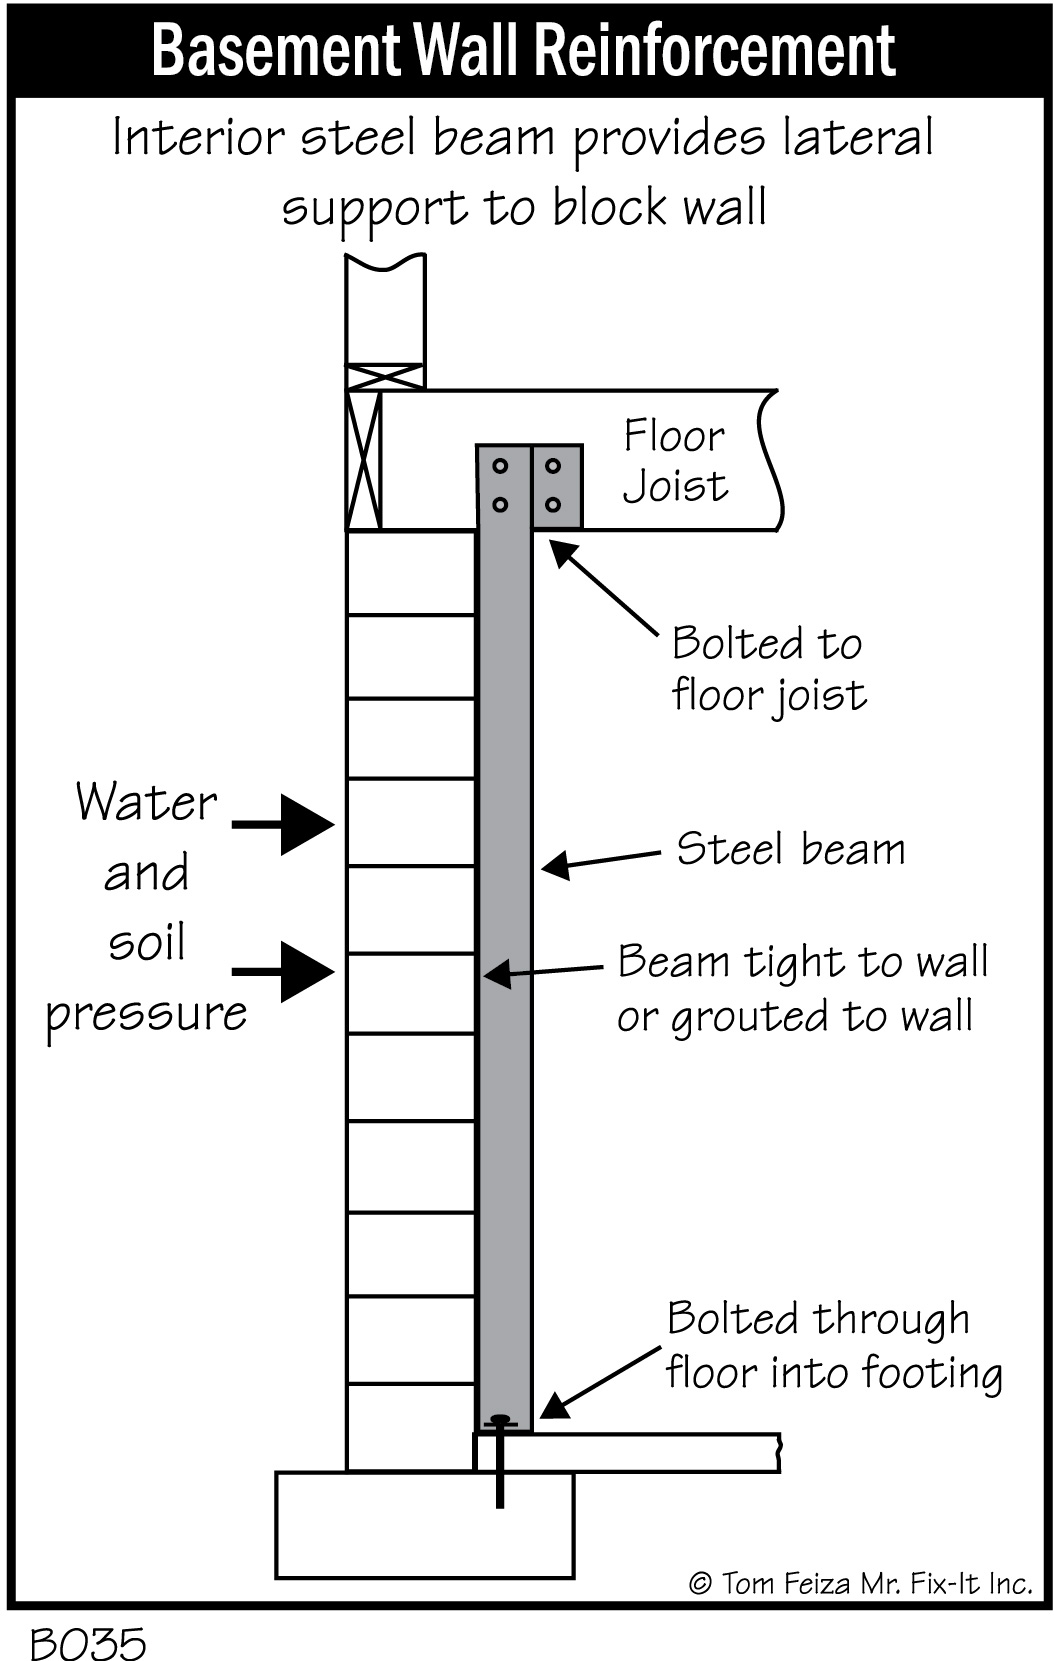 Basement Block Wall Reinforcement